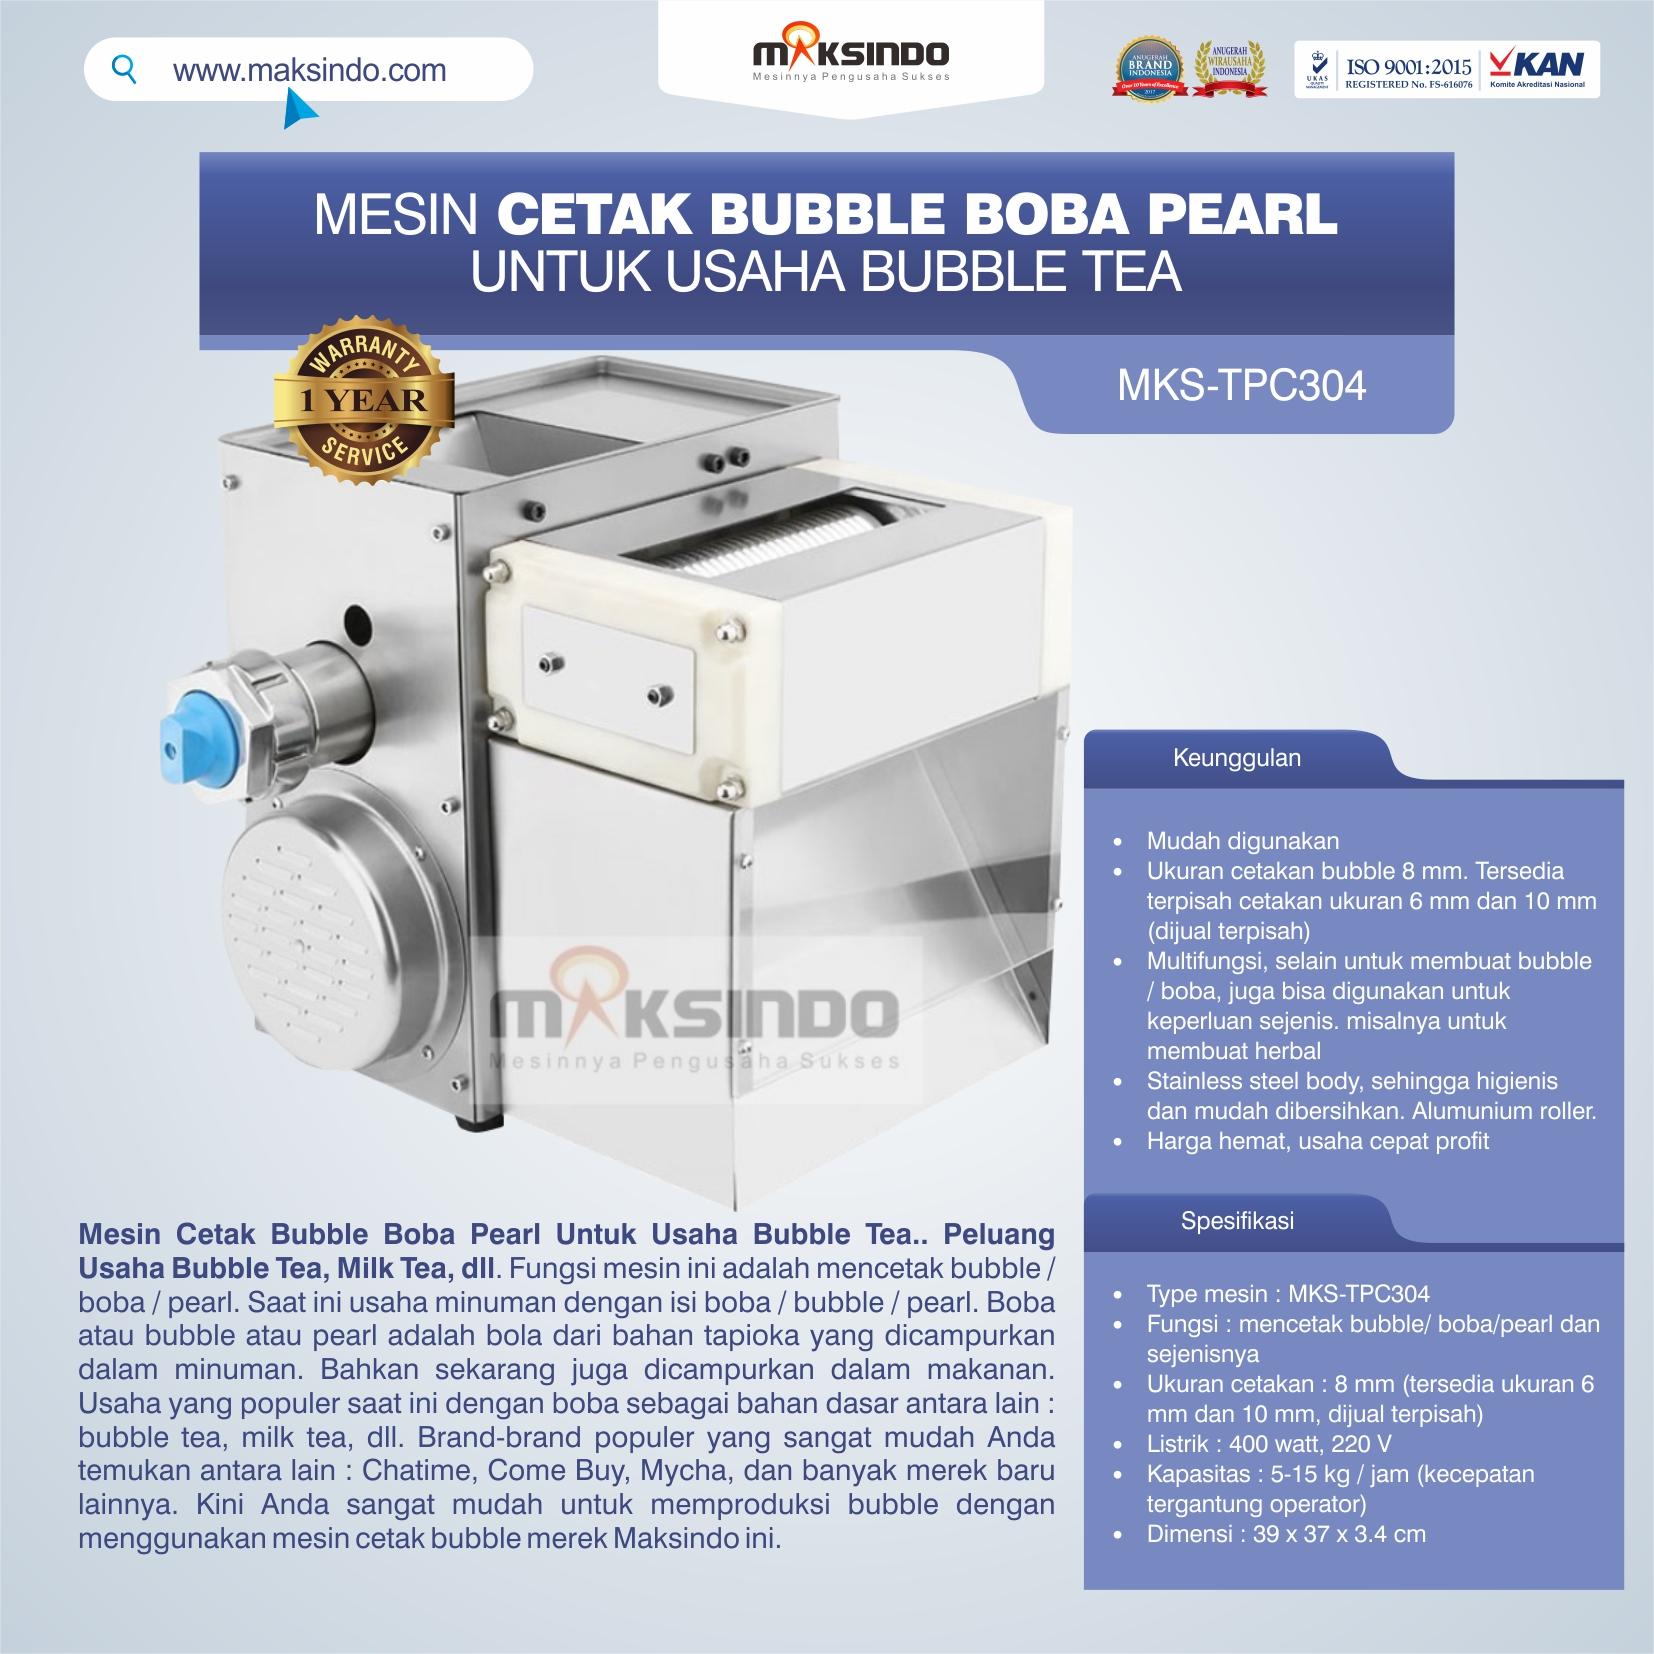 Jual Mesin Cetak Bubble Boba Pearl Untuk Usaha Bubble Tea di Mataram